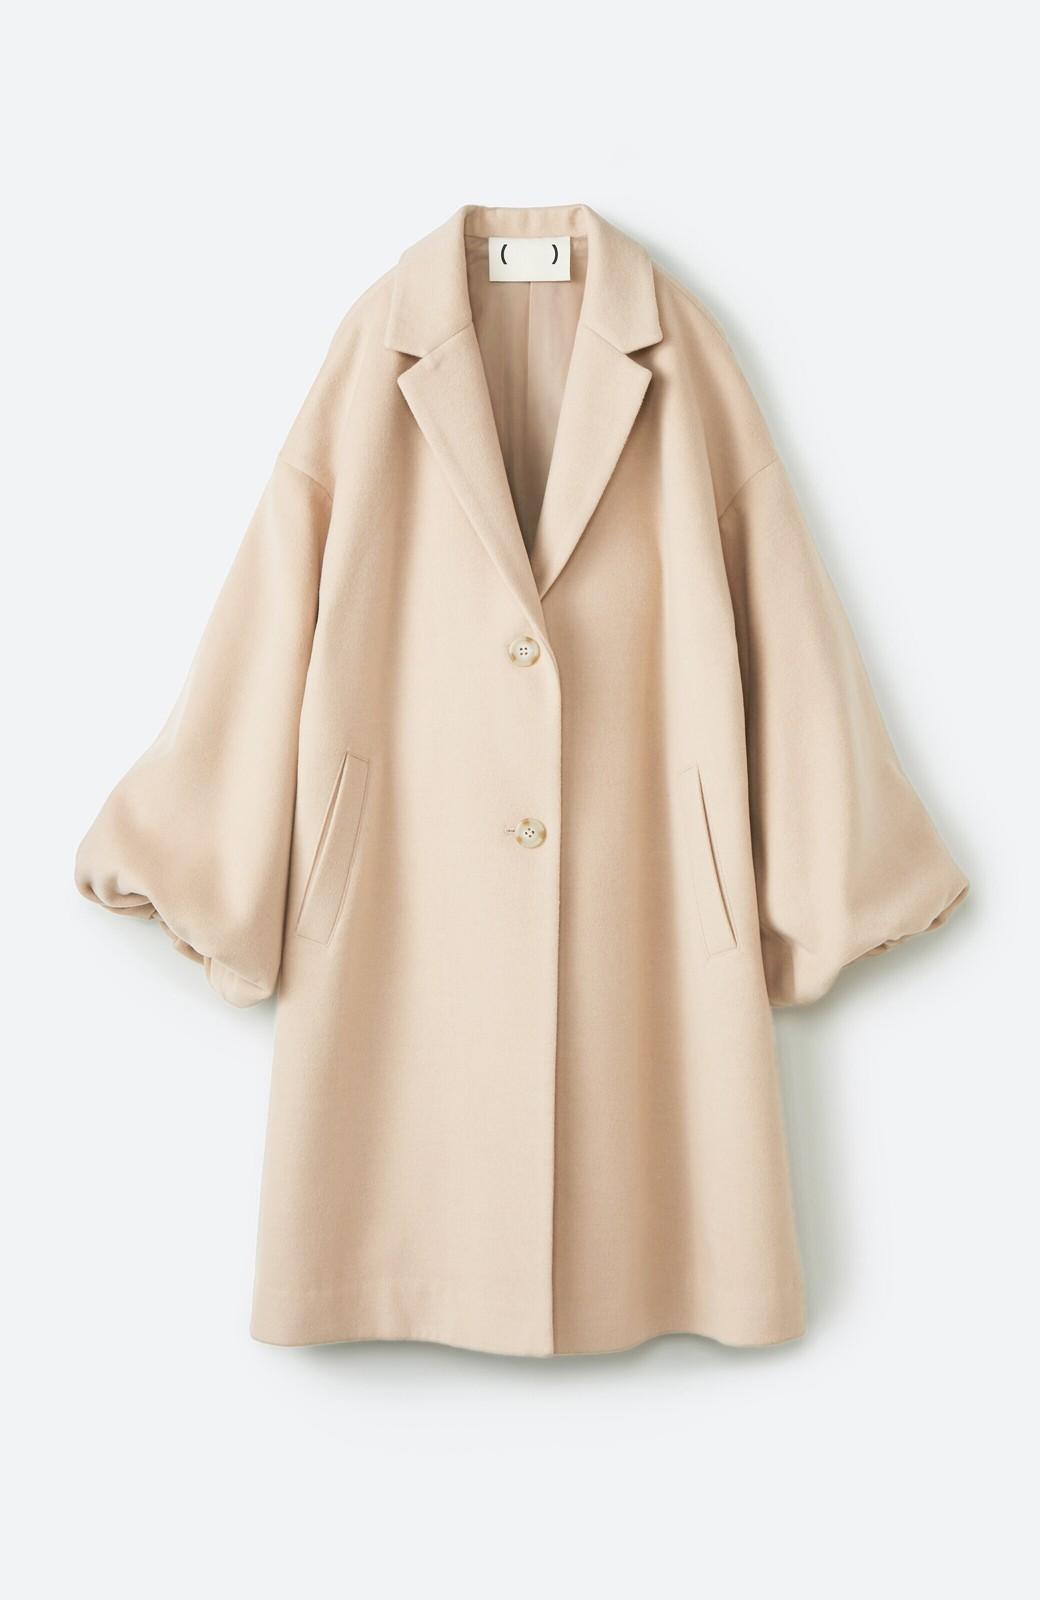 haco! ギリギリ女子の防寒で終わらず華やかにいけるんちゃうか 袖ぷっくりチェスターコート <ベージュ>の商品写真2